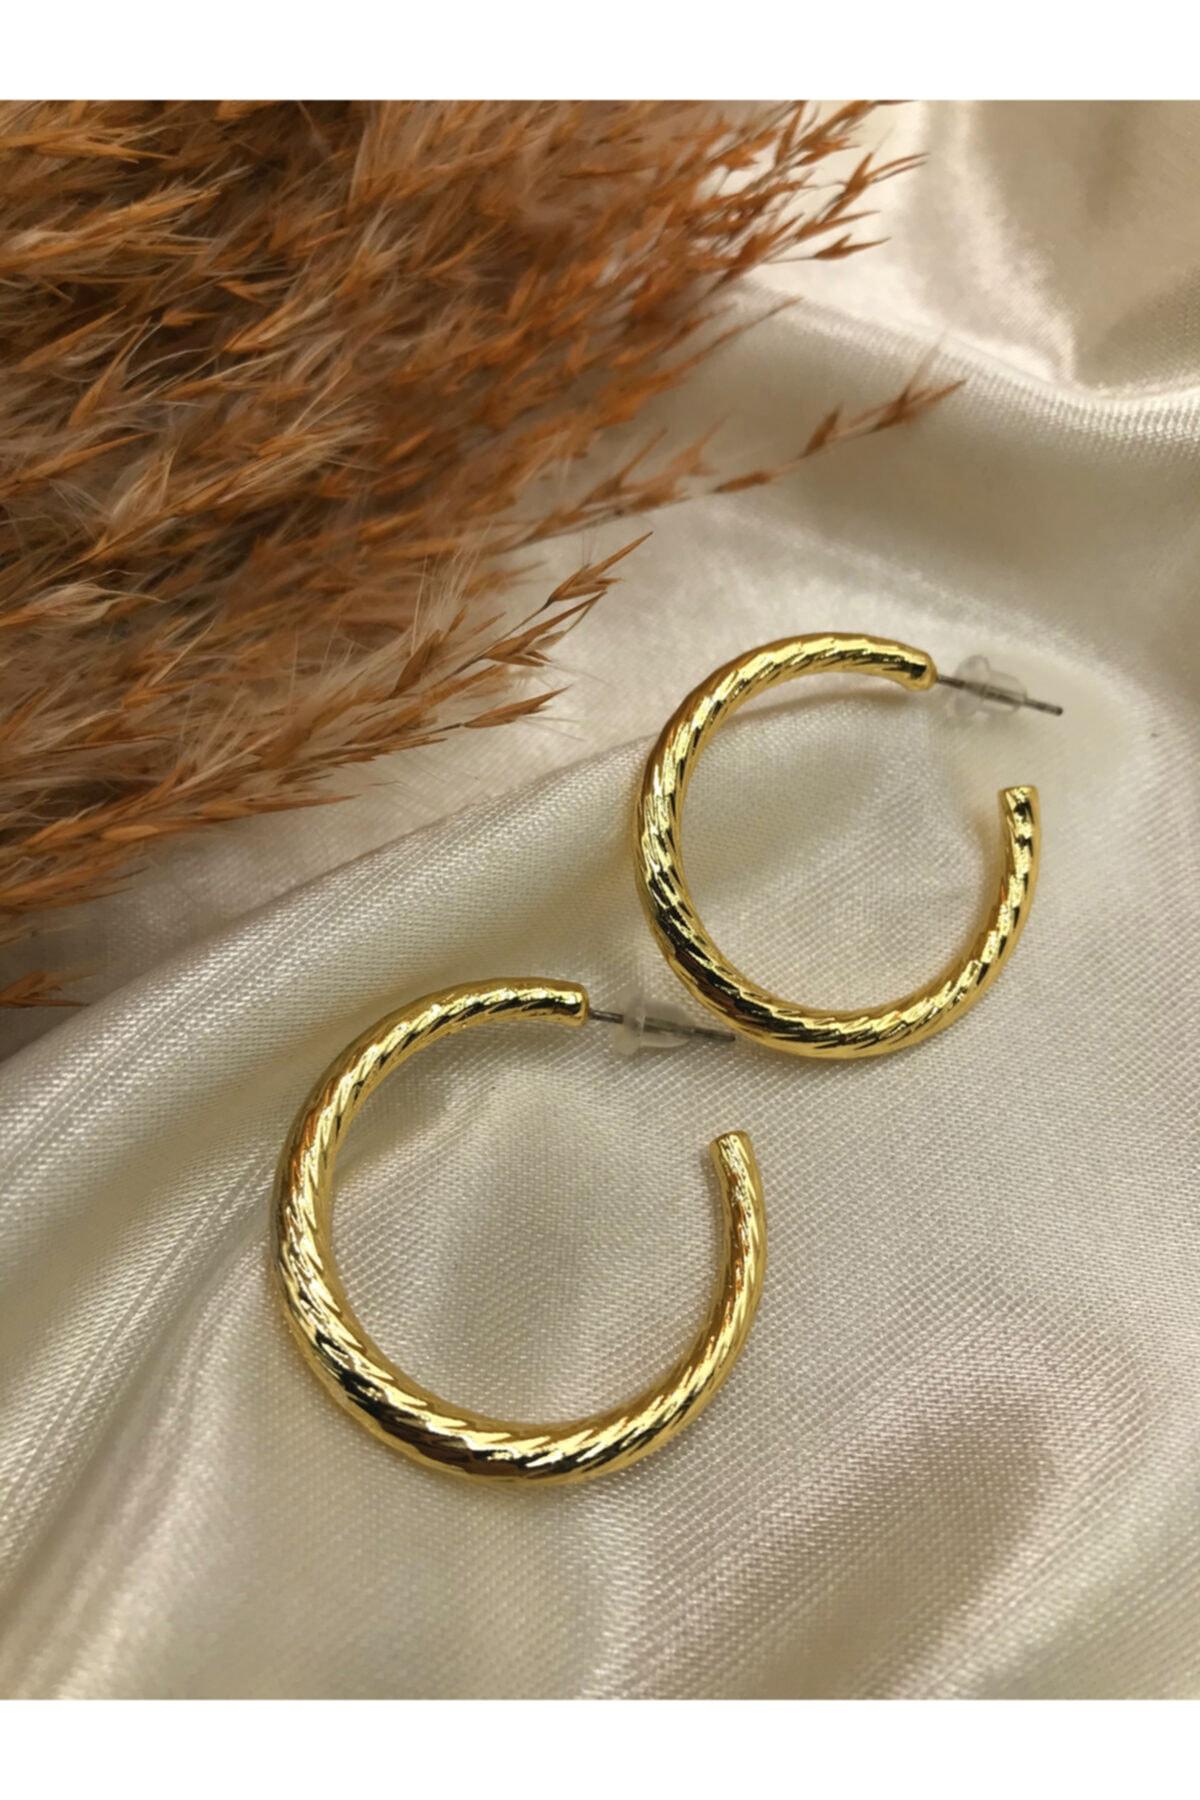 Eylülün Takısı Gold Renk Tasarım Küpe 1